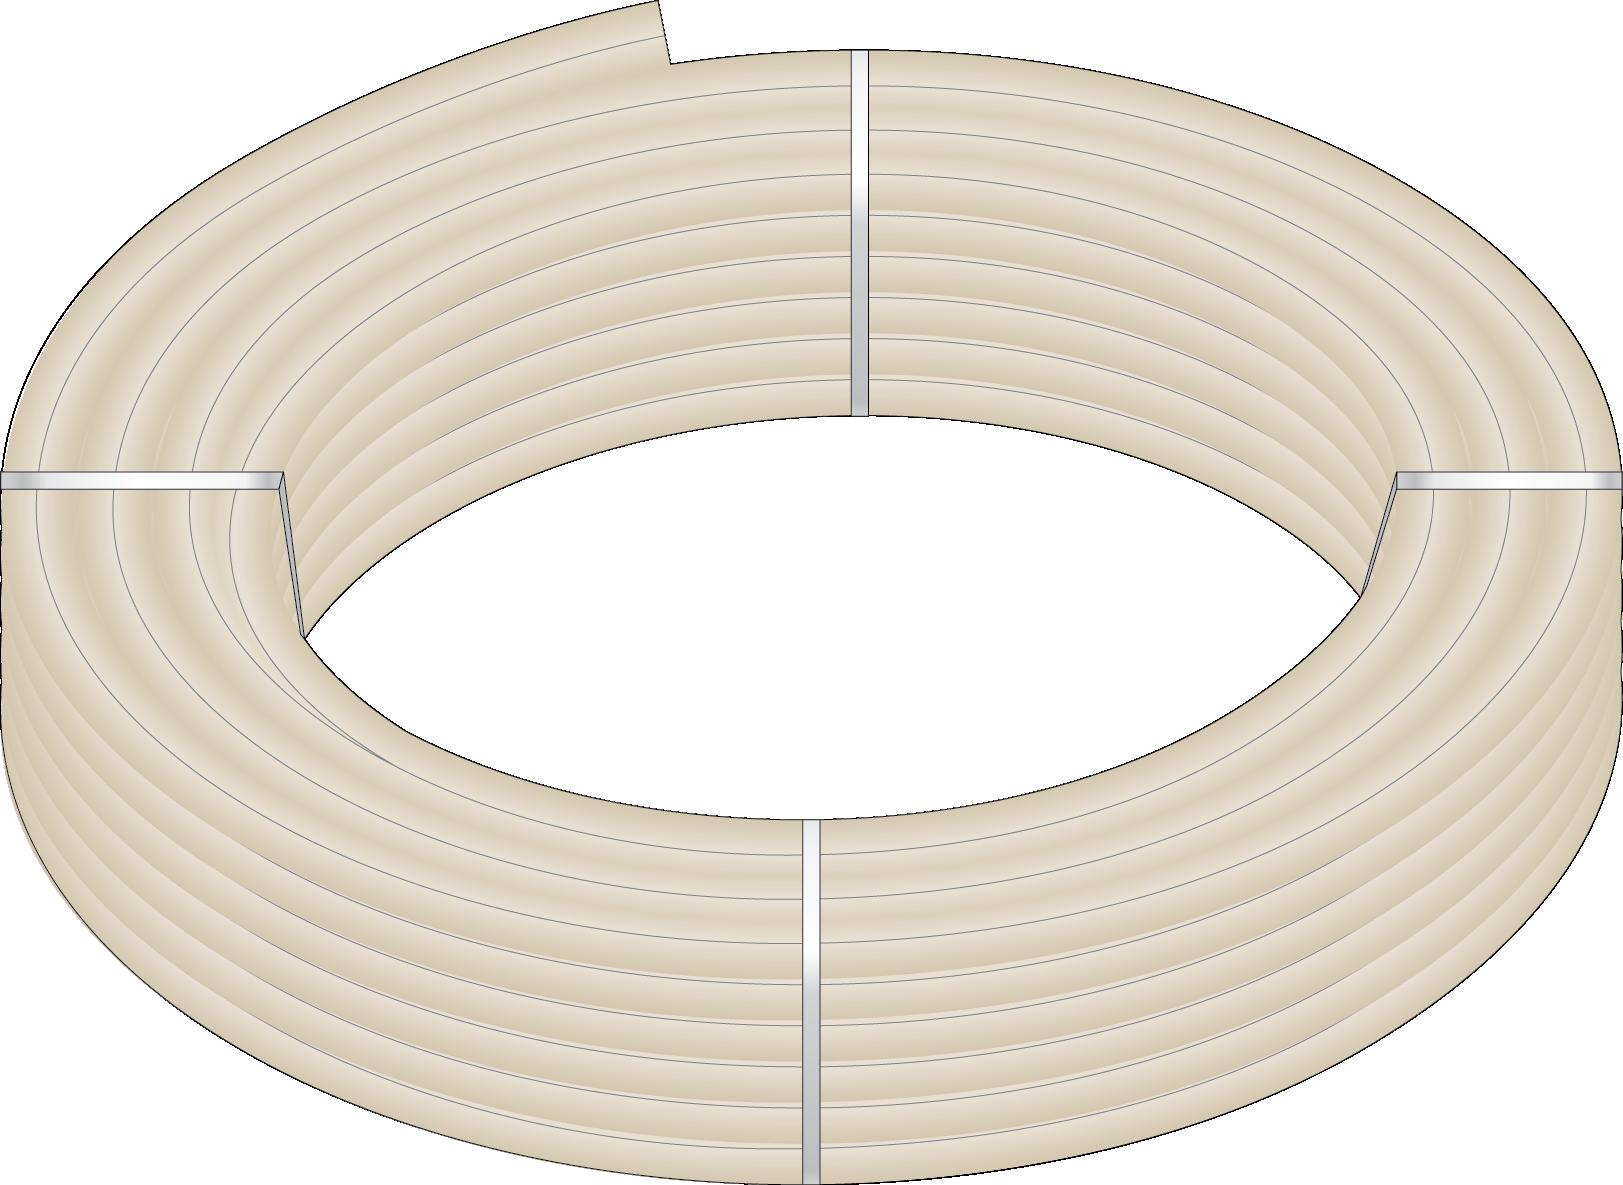 Quot ft purelink plus uv stabilized pex a tubing